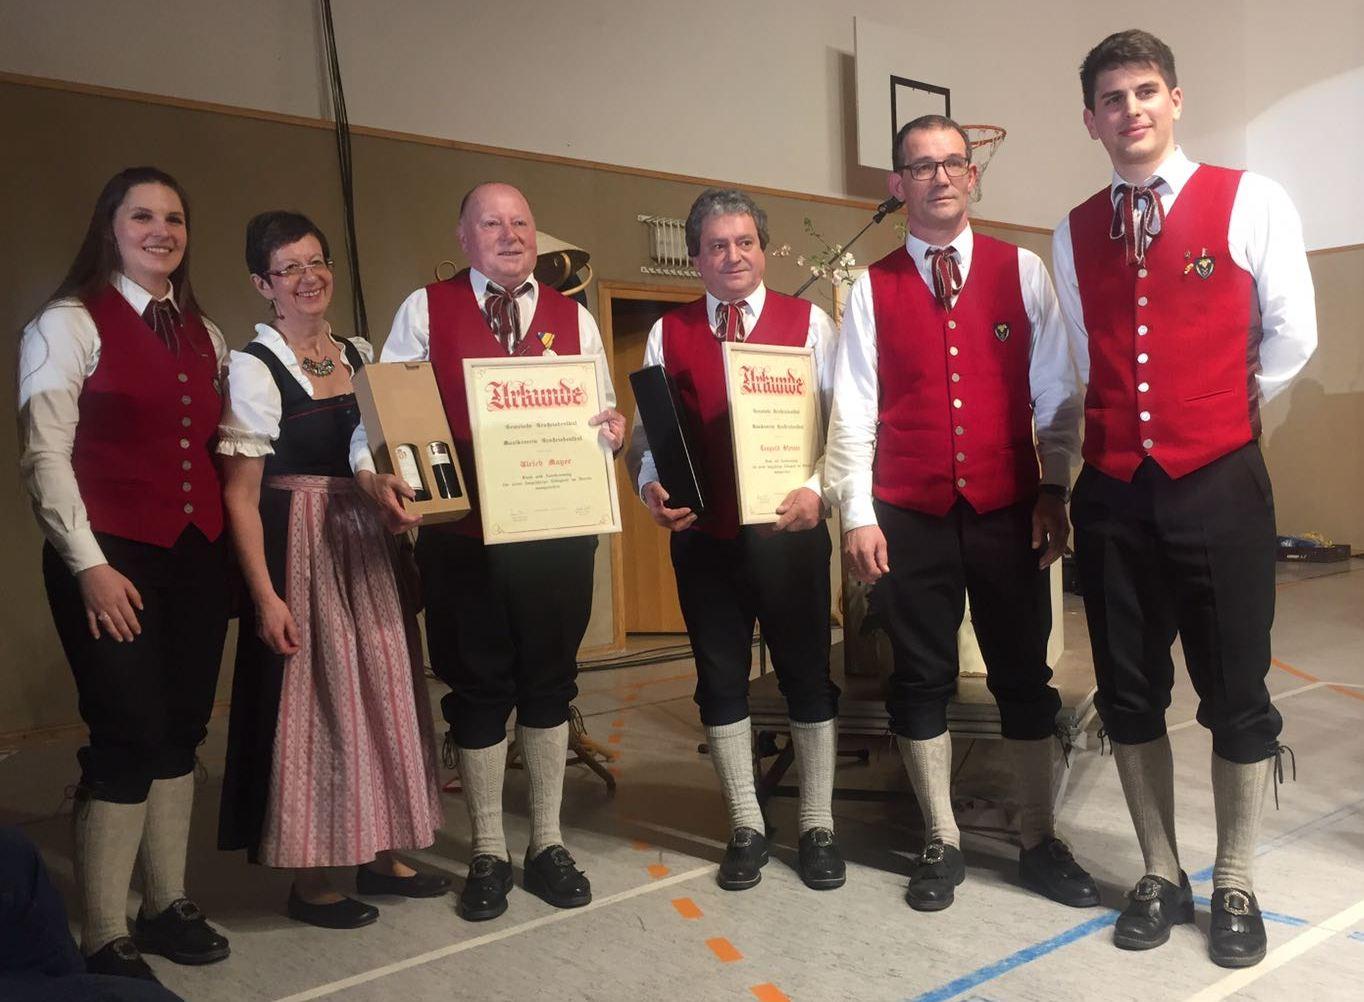 Bianca Beer, Vzbgm. Gertrude Täubler, Ulrich Mayer, Leopold Steiner, Kapellmeister Franz Wieser, Obmann Martin Zehetner